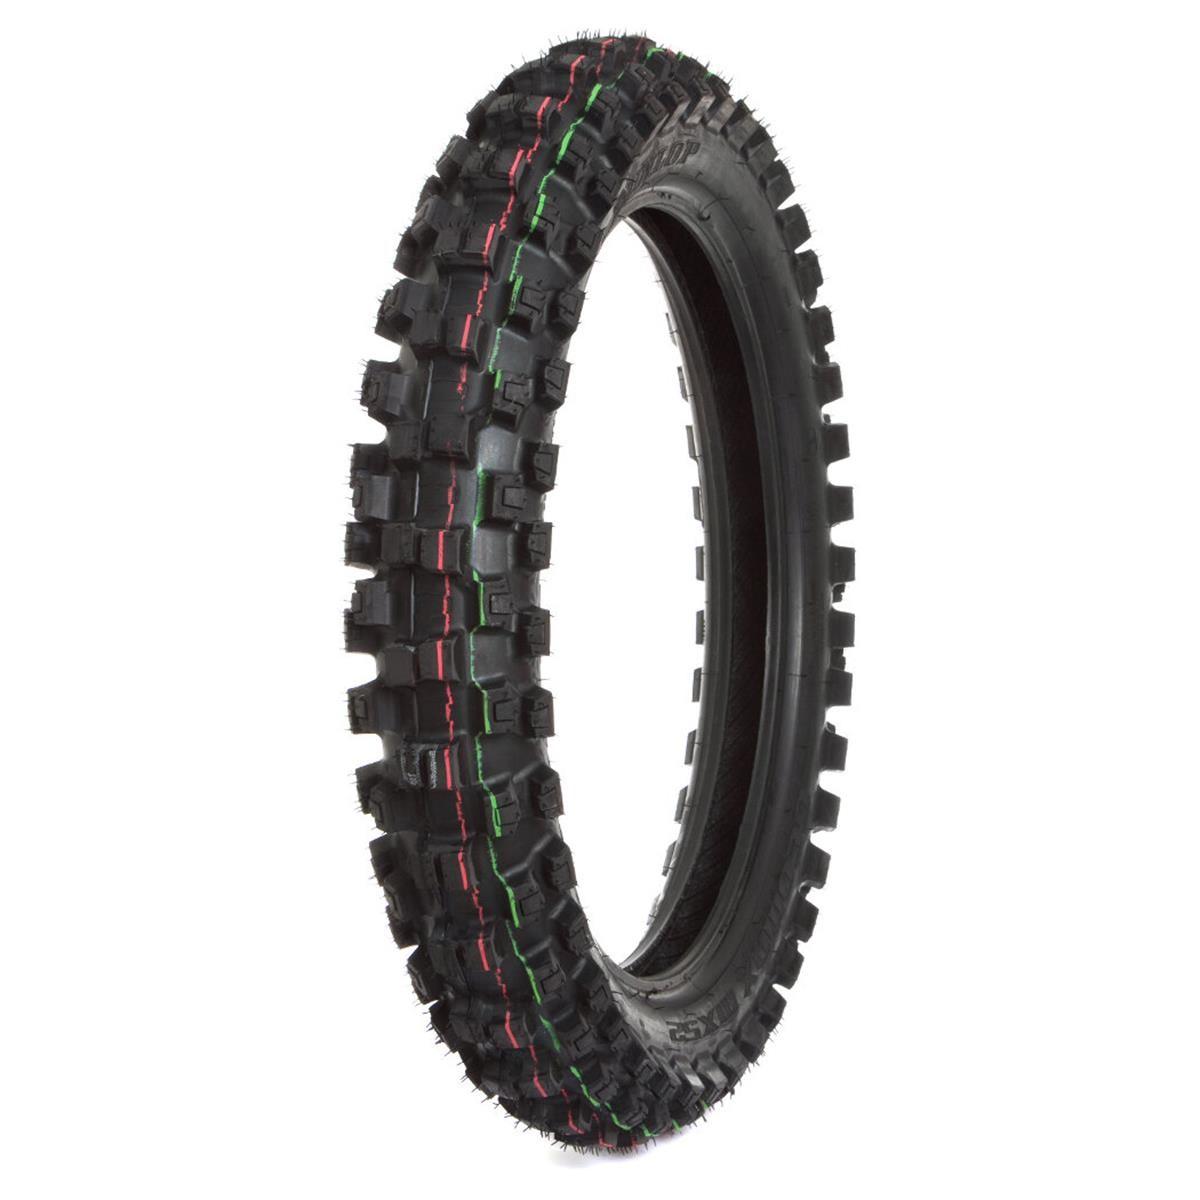 Dunlop Vorderradreifen Geomax MX52 F Motocross 80/100-21